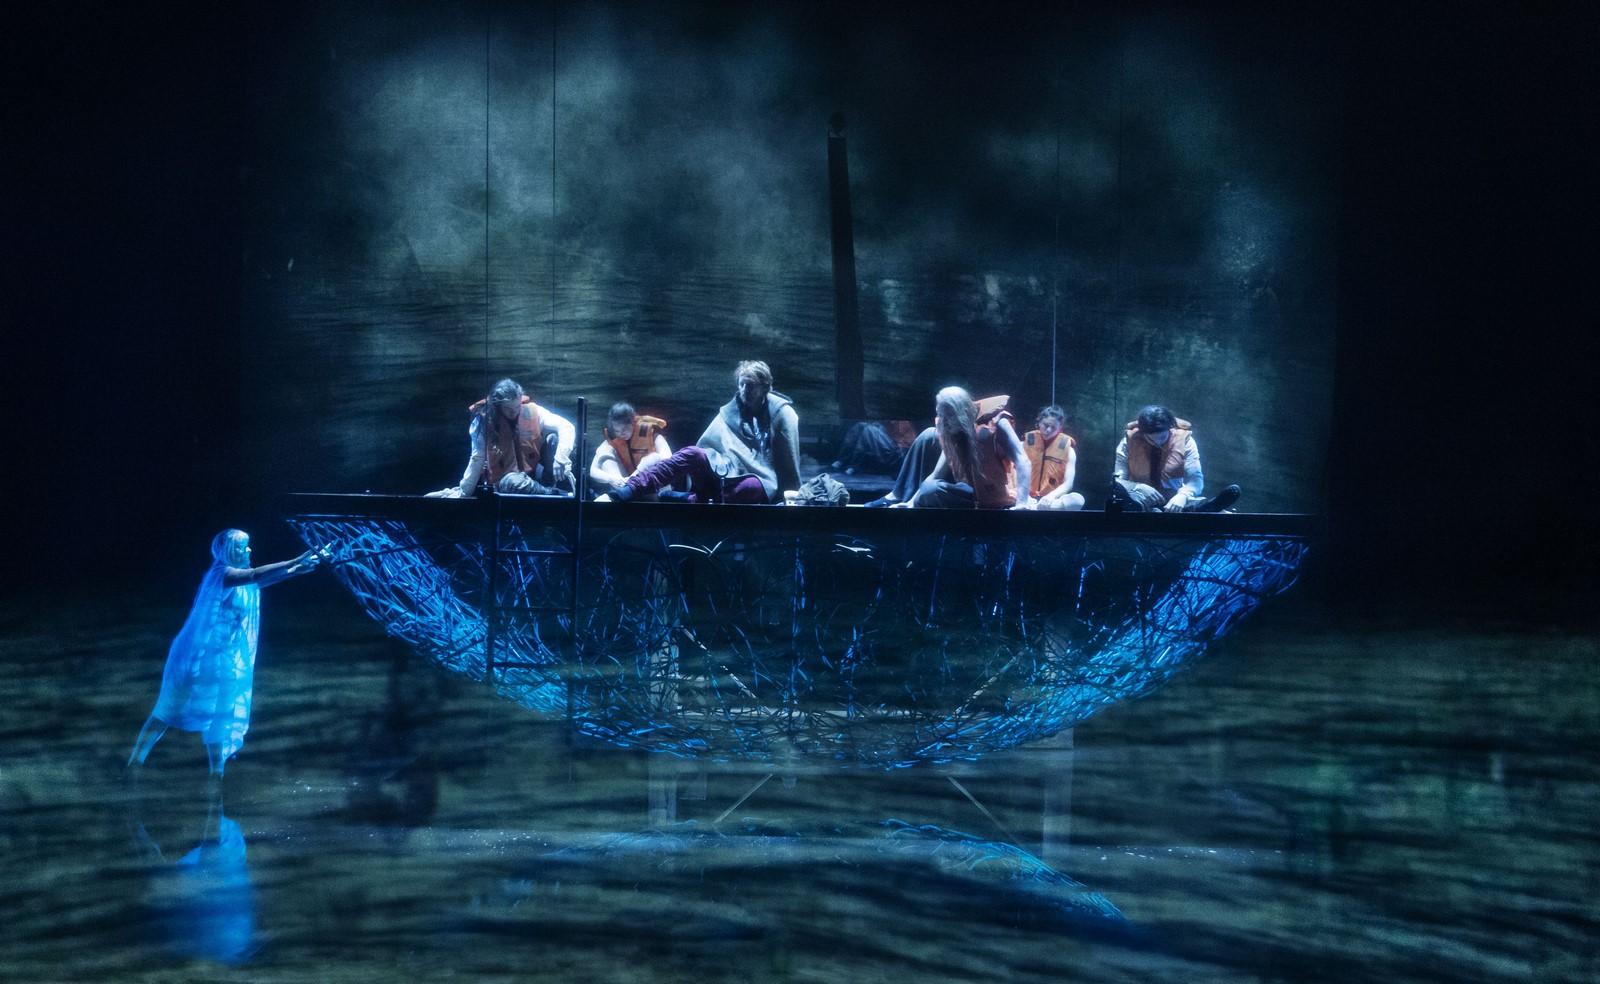 Re-anmeldelse: Kongens fald, Aarhus Teater (co-produktion med Det Kongelige Teater)